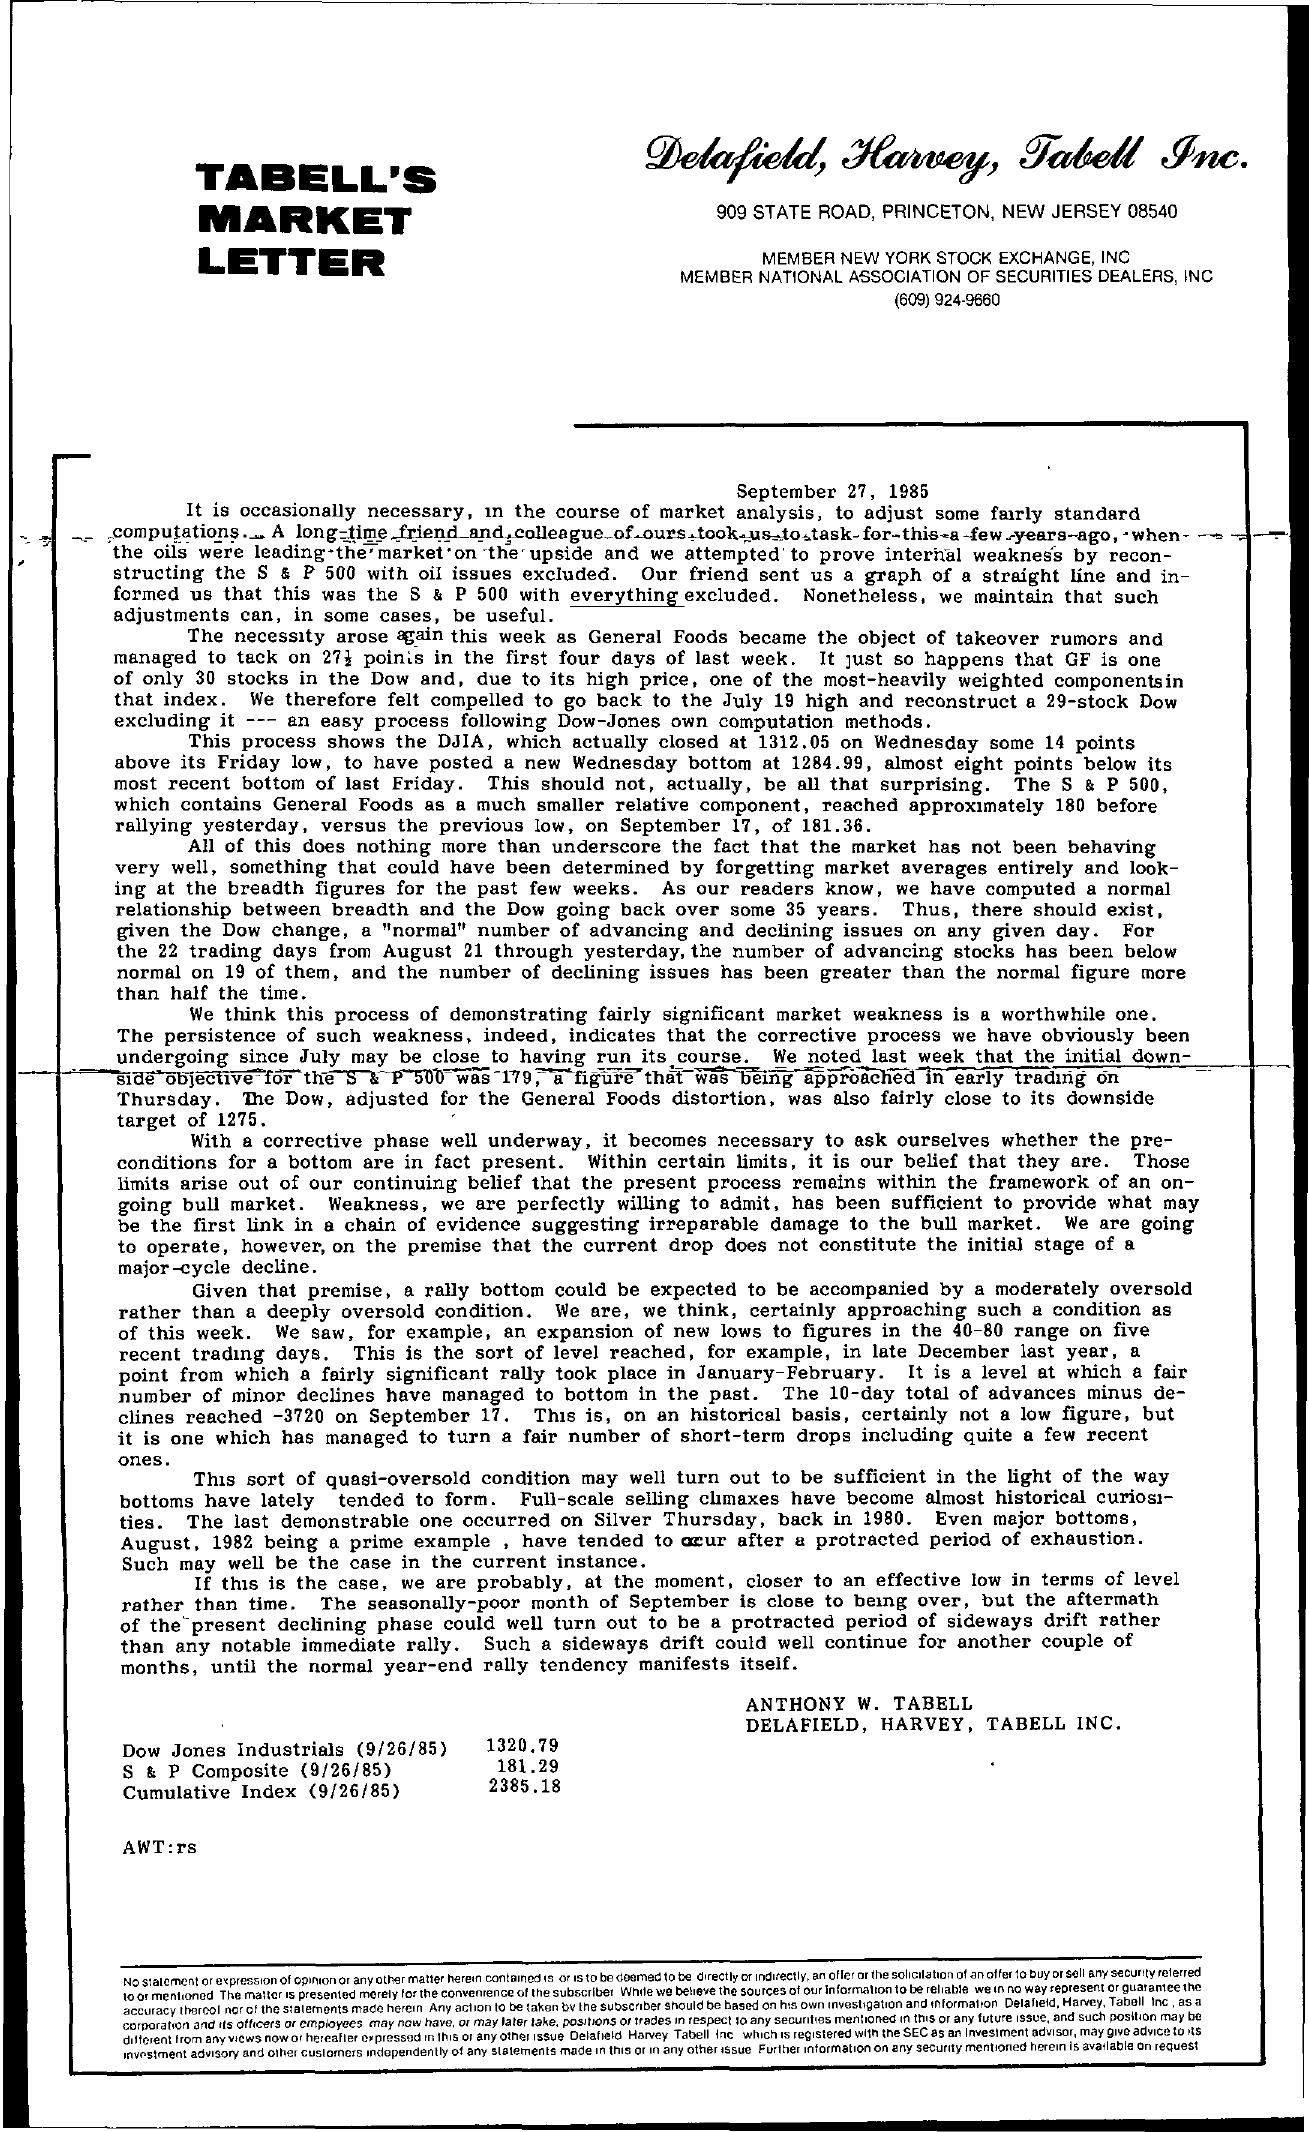 Tabell's Market Letter - September 27, 1985